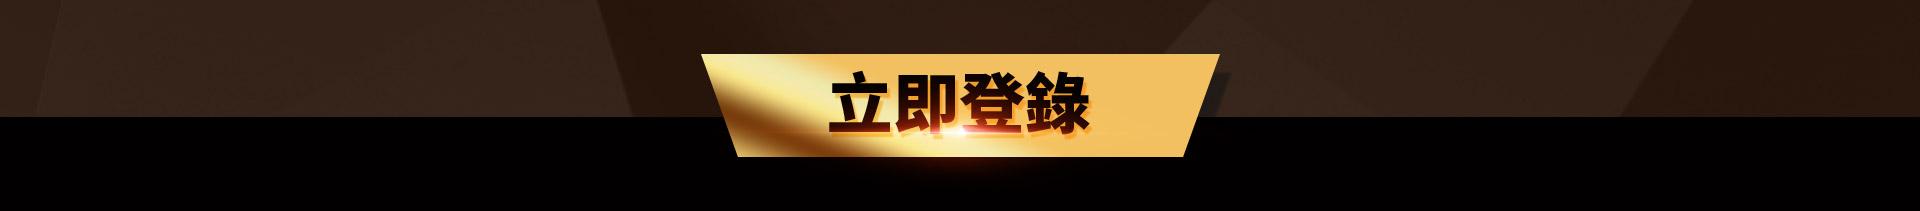 msi taiwan end of year login